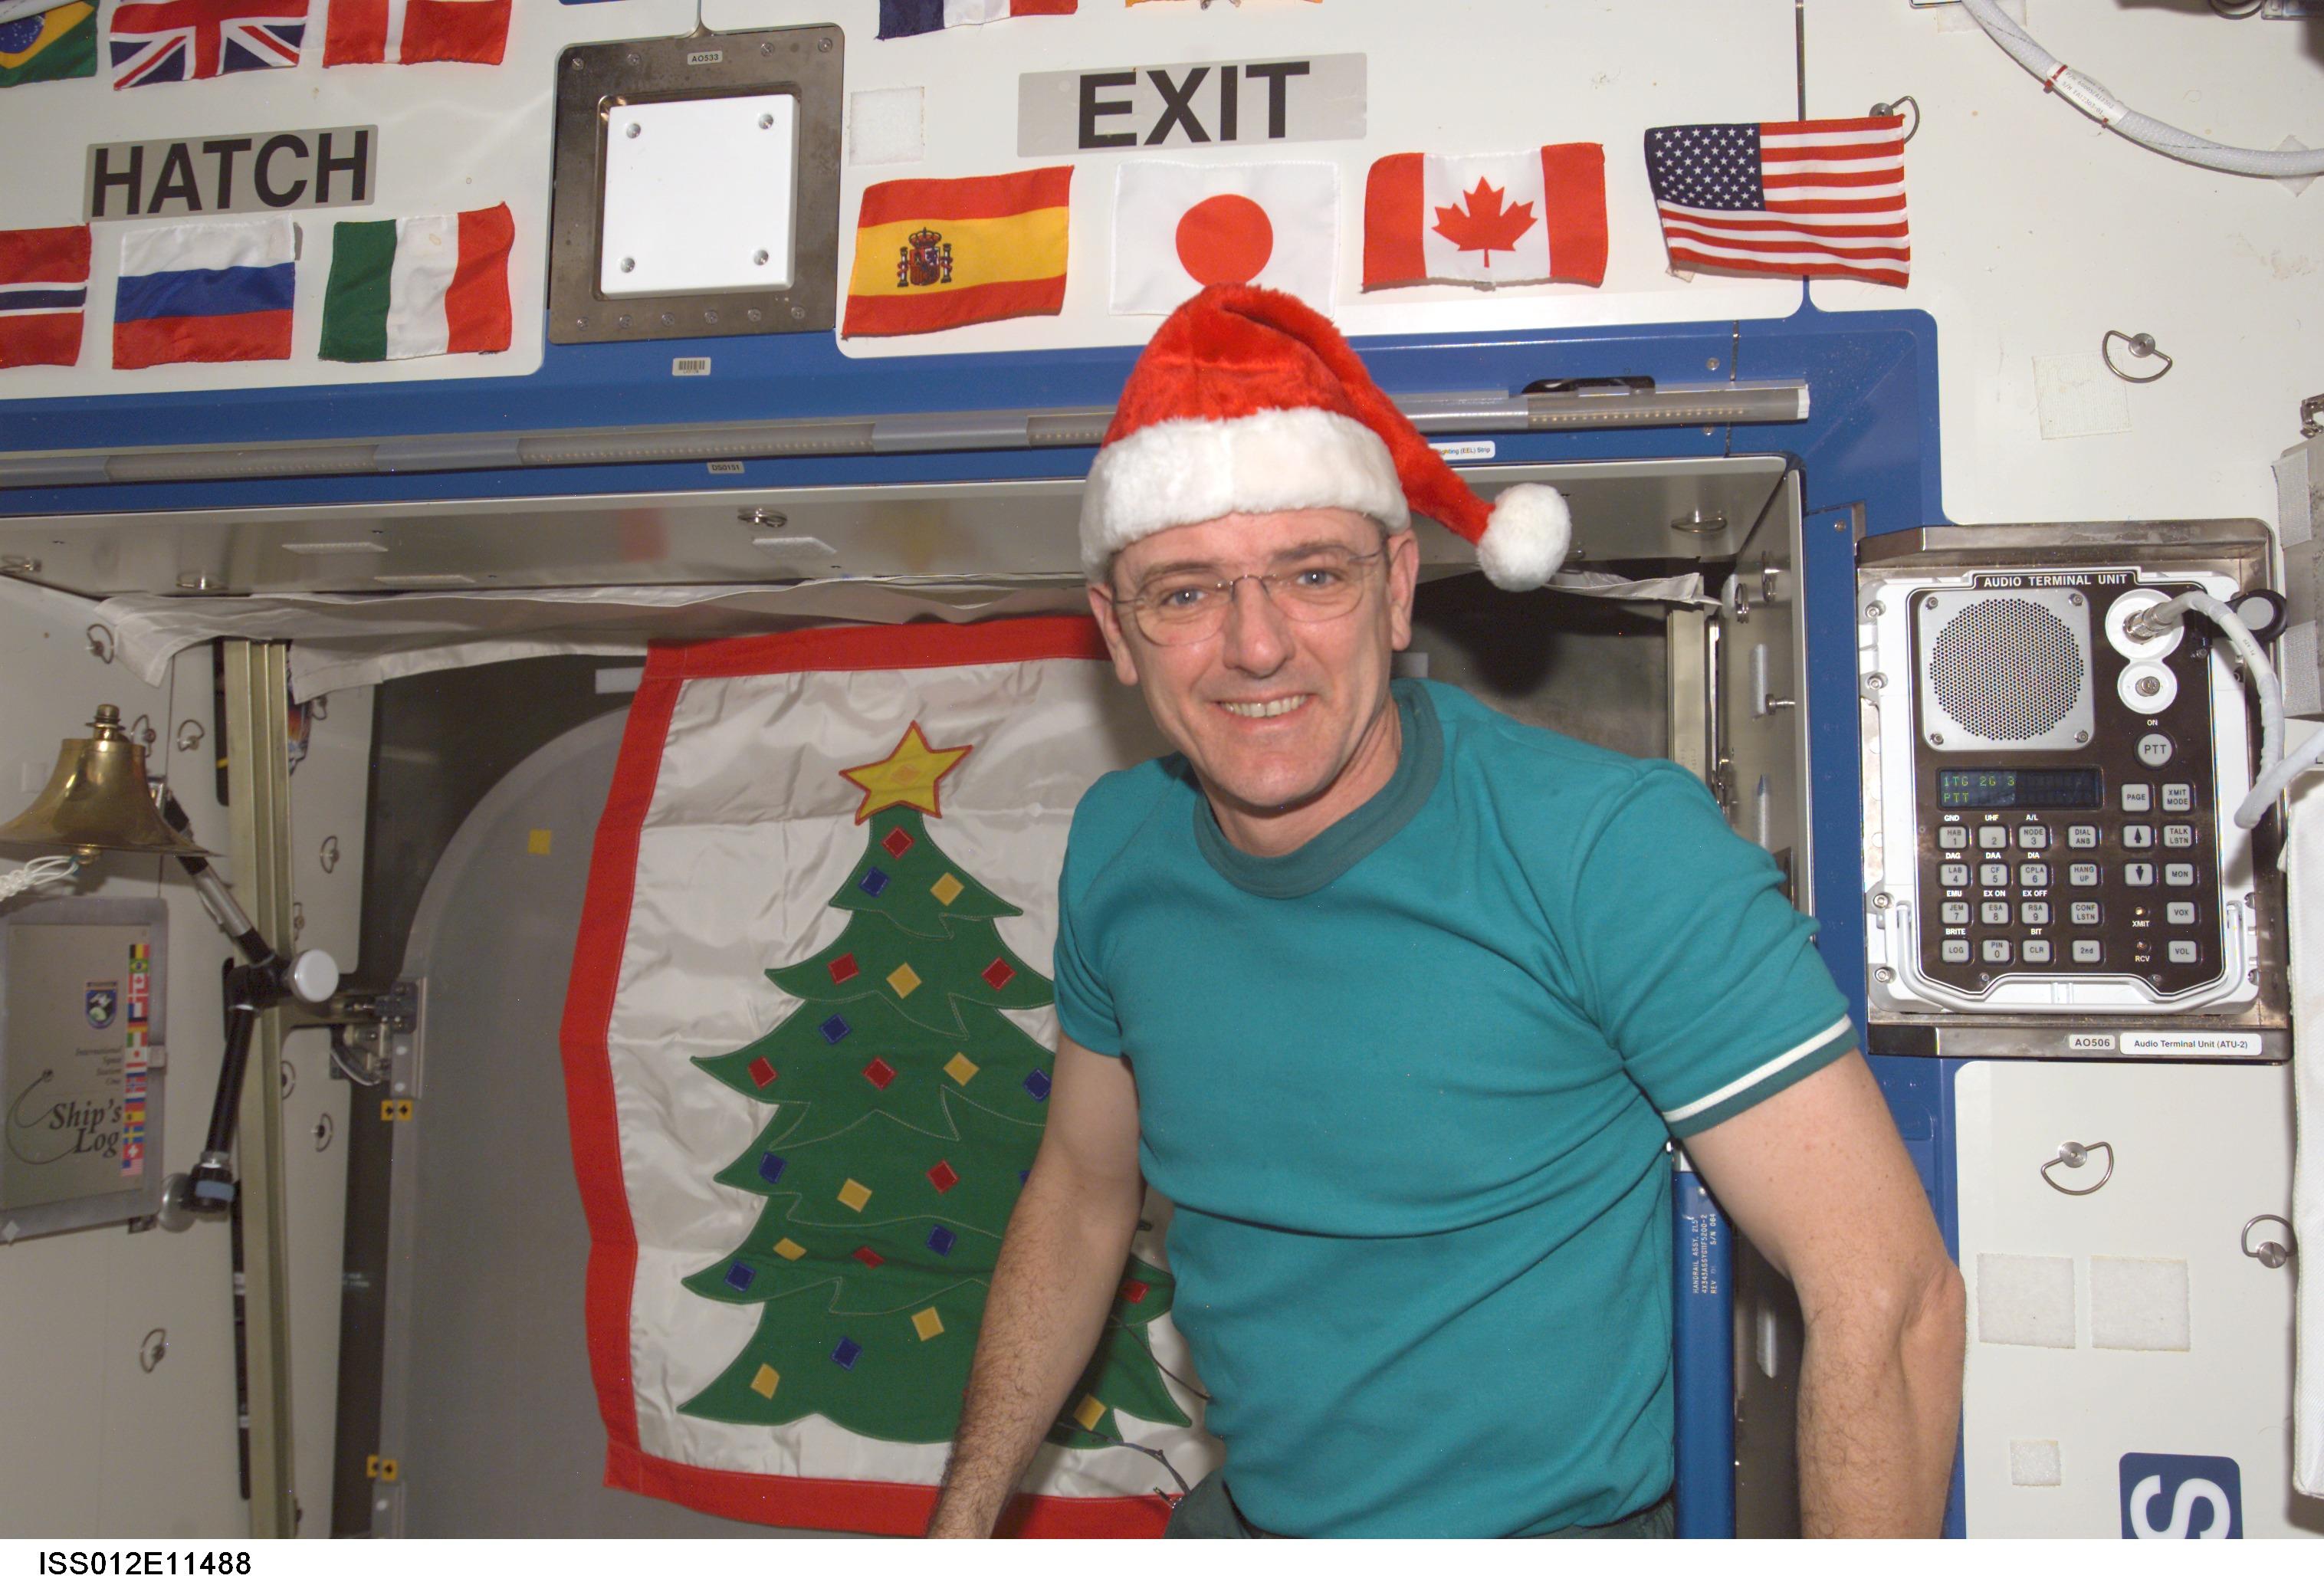 NASA Happy Holidays - Astronaut decorations